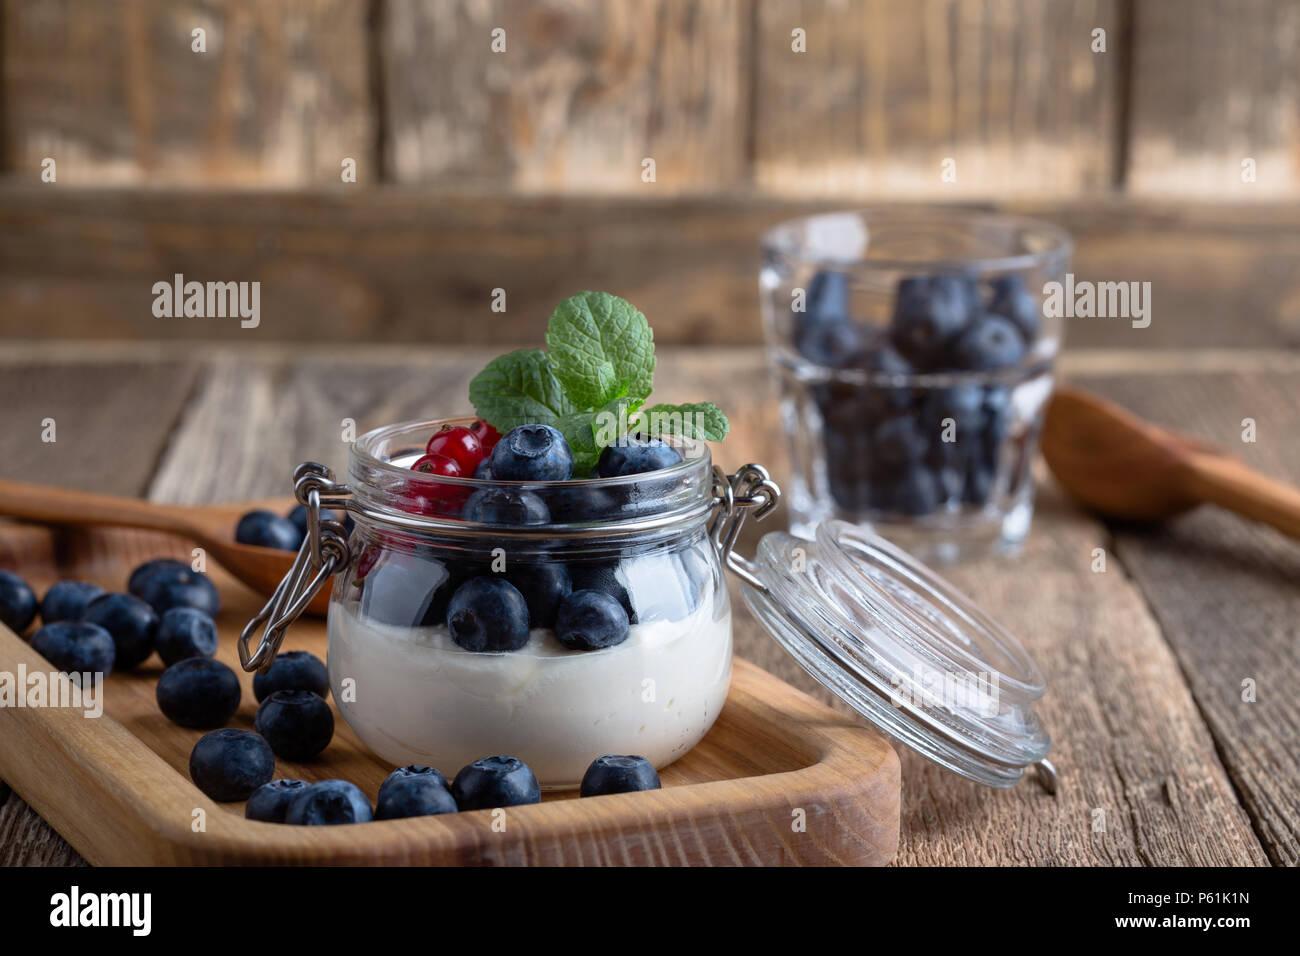 Les parfaits crème Cheesecake aux myrtilles et petits fruits groseille rouge servi dans un pot, sans cuisson d'été délicieux dessert sur la table rustique en bois prêt à manger Photo Stock